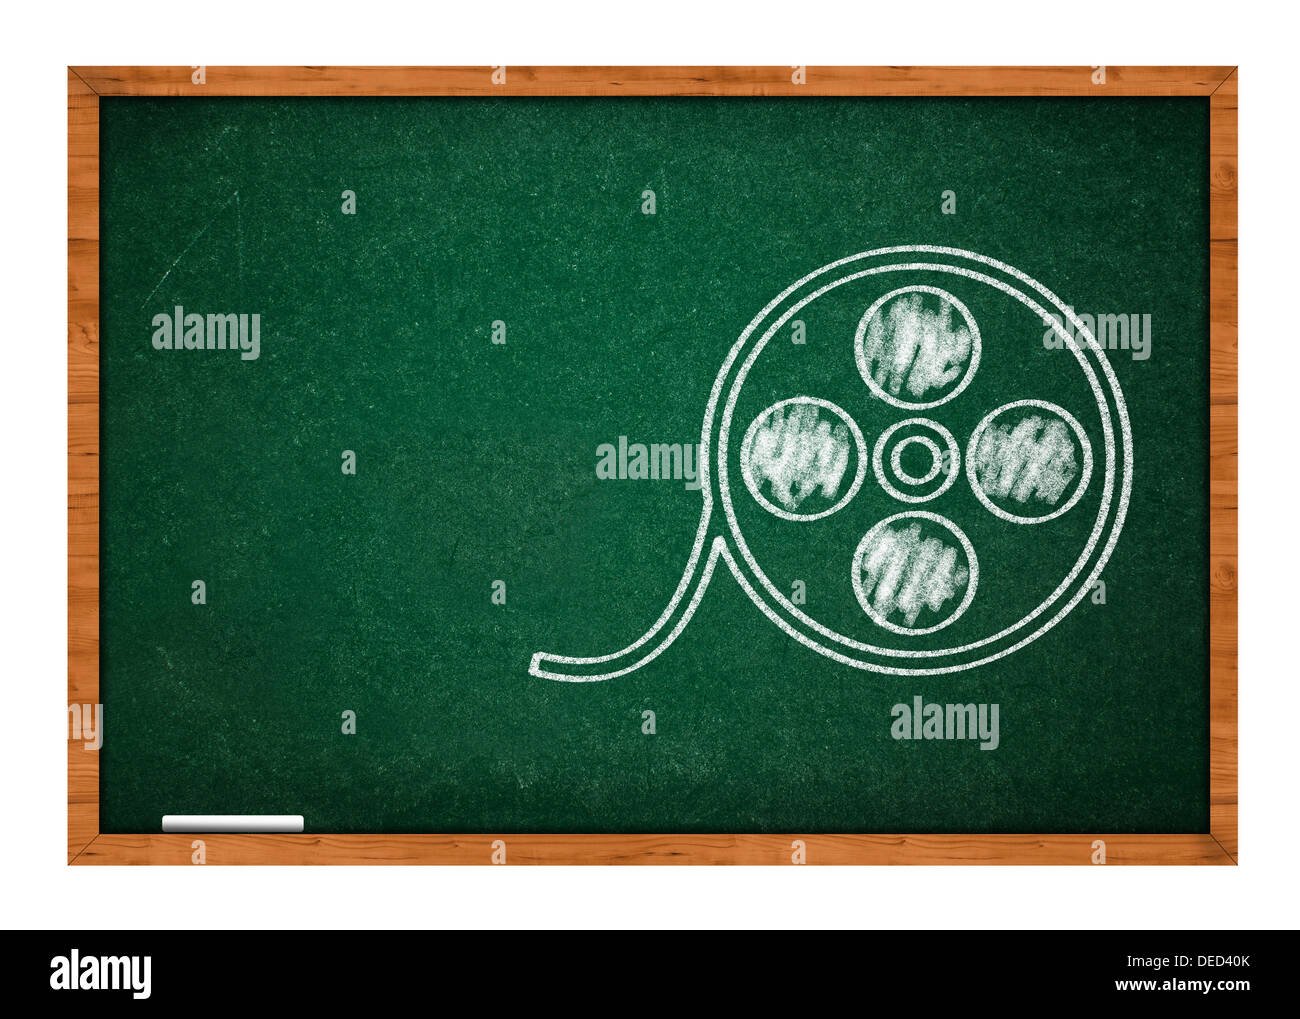 Carrete de película dibujada a mano en una pizarra escolar verde Imagen De Stock